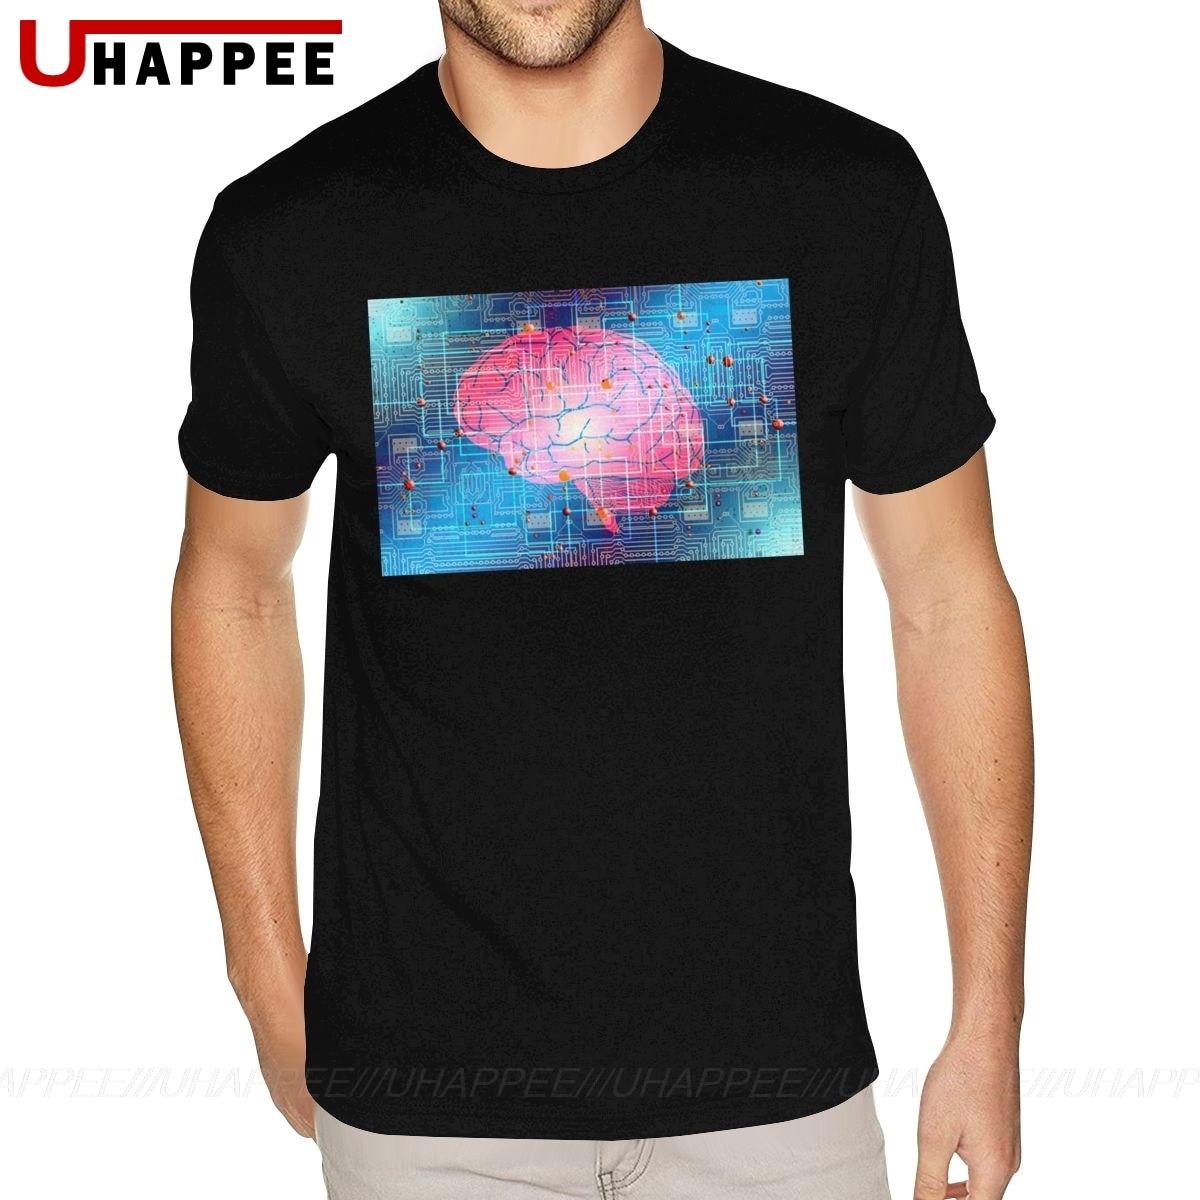 Evolution Artificial Intelligence camiseta juvenil Urban camisetas de hombres de manga corta precio bajo marca Top Apparel